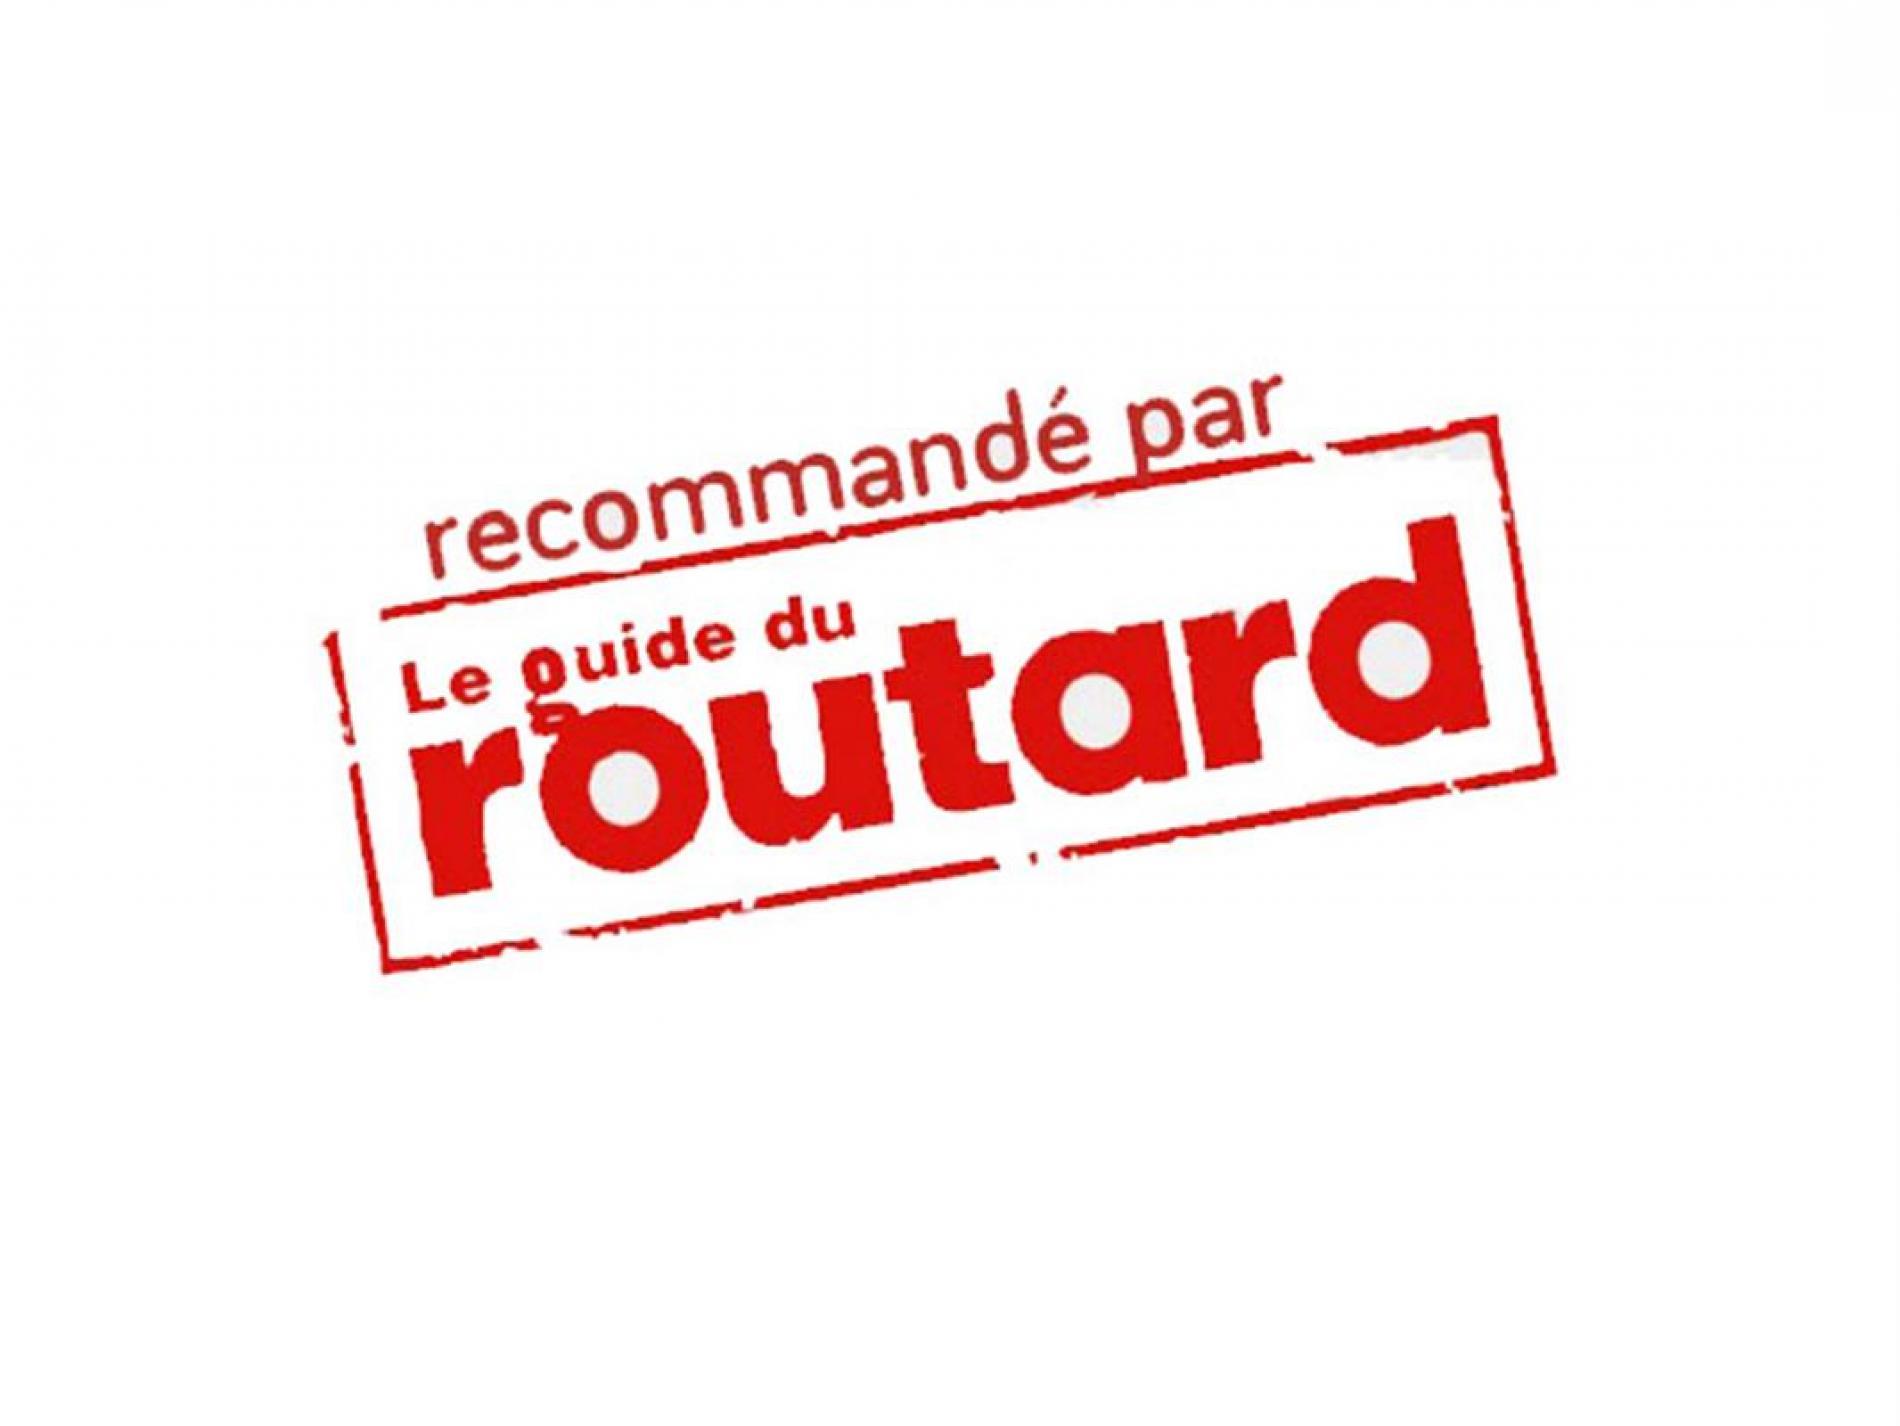 Hôtel à Chamonix recommandé par le guide du Routard